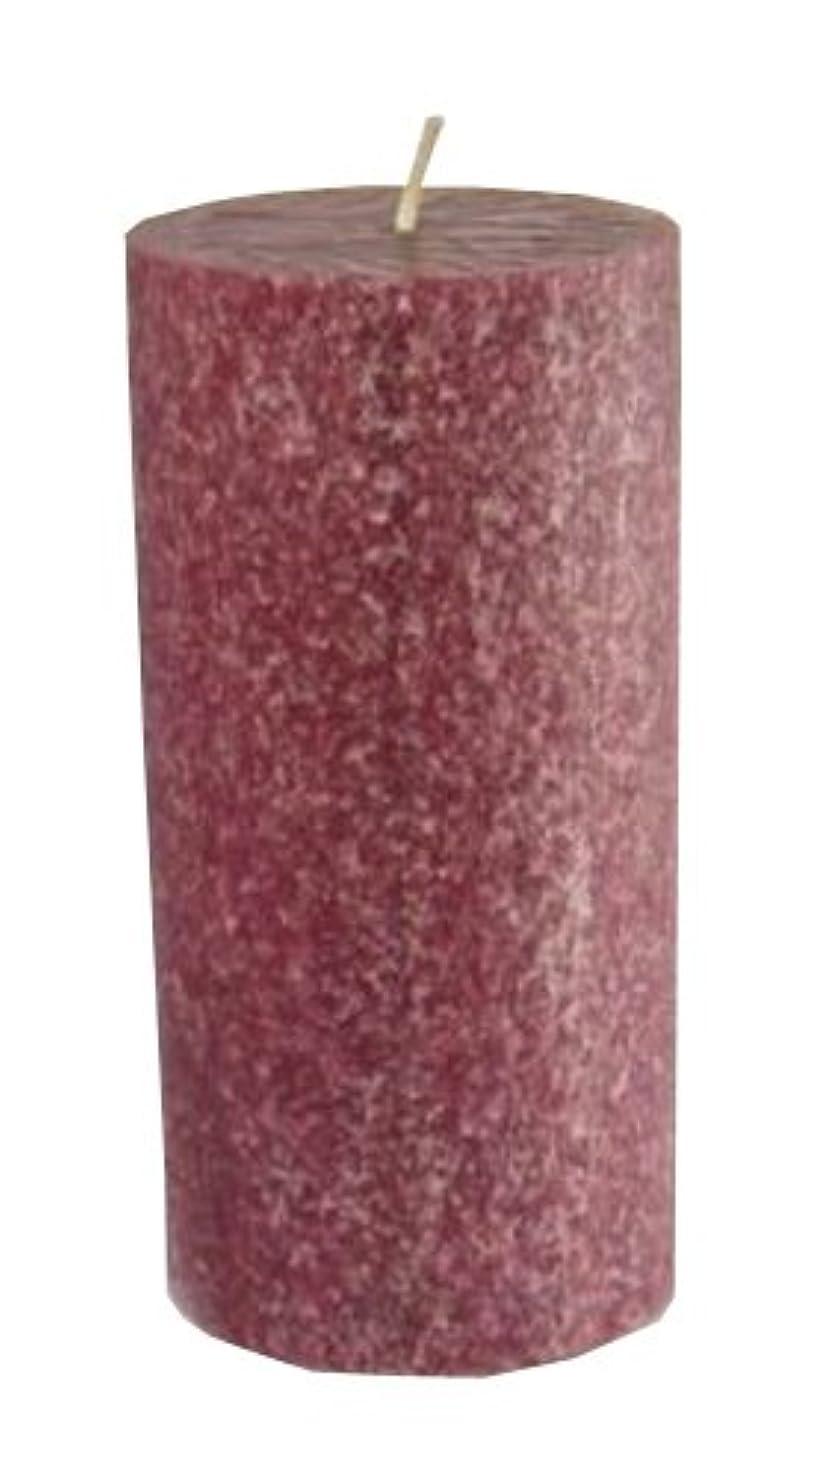 腐ったなだめる時期尚早ルート香りつきTimberline Pillar Candle、3インチby 6インチトール、クランベリー